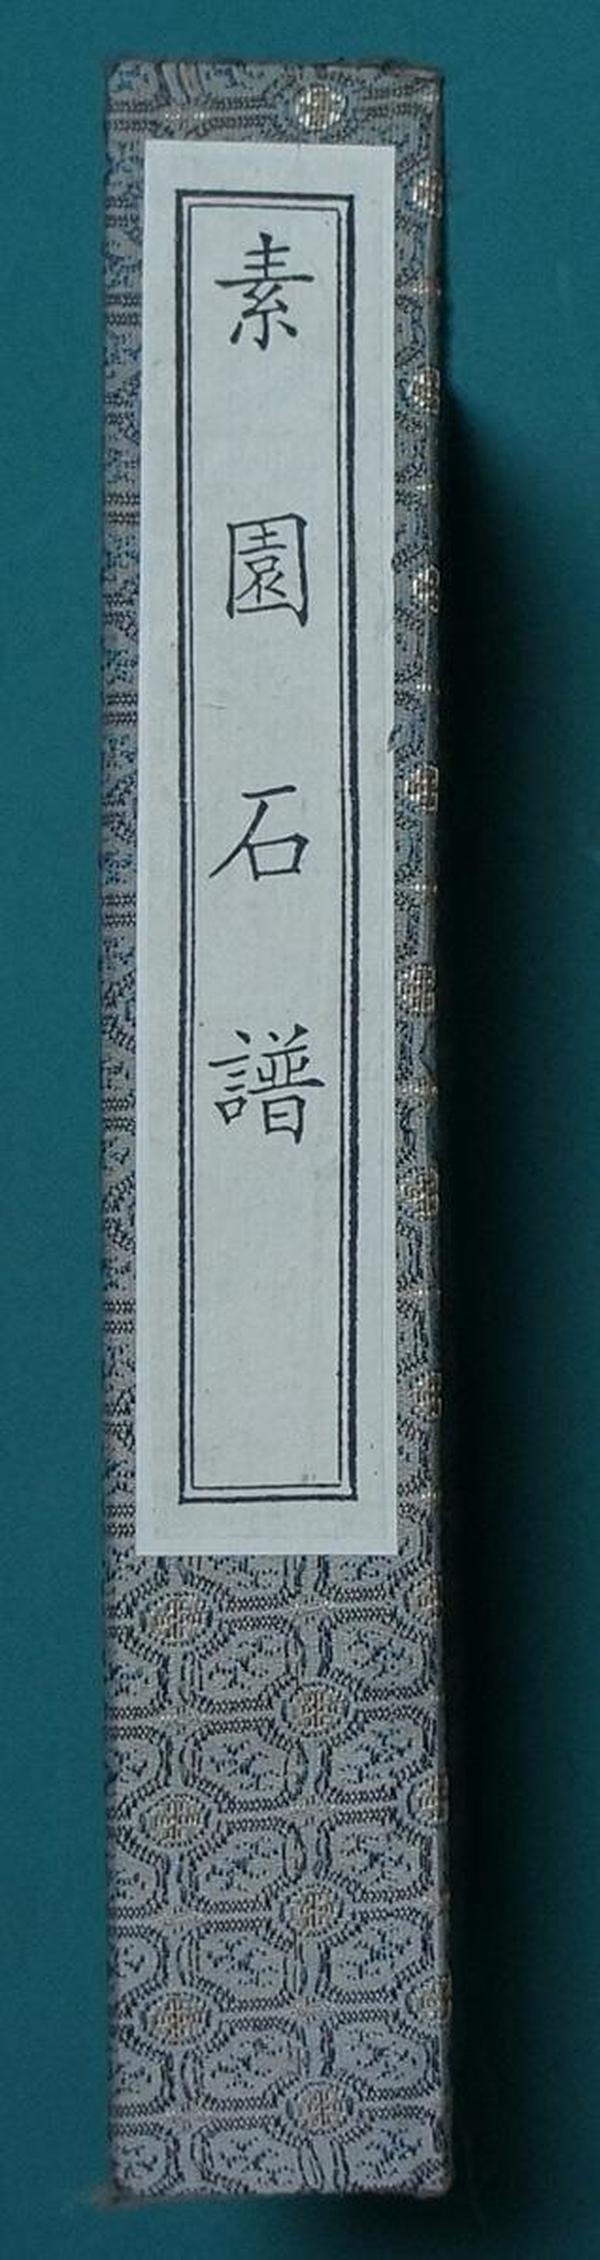 素园石谱—-中国书店1997年影印